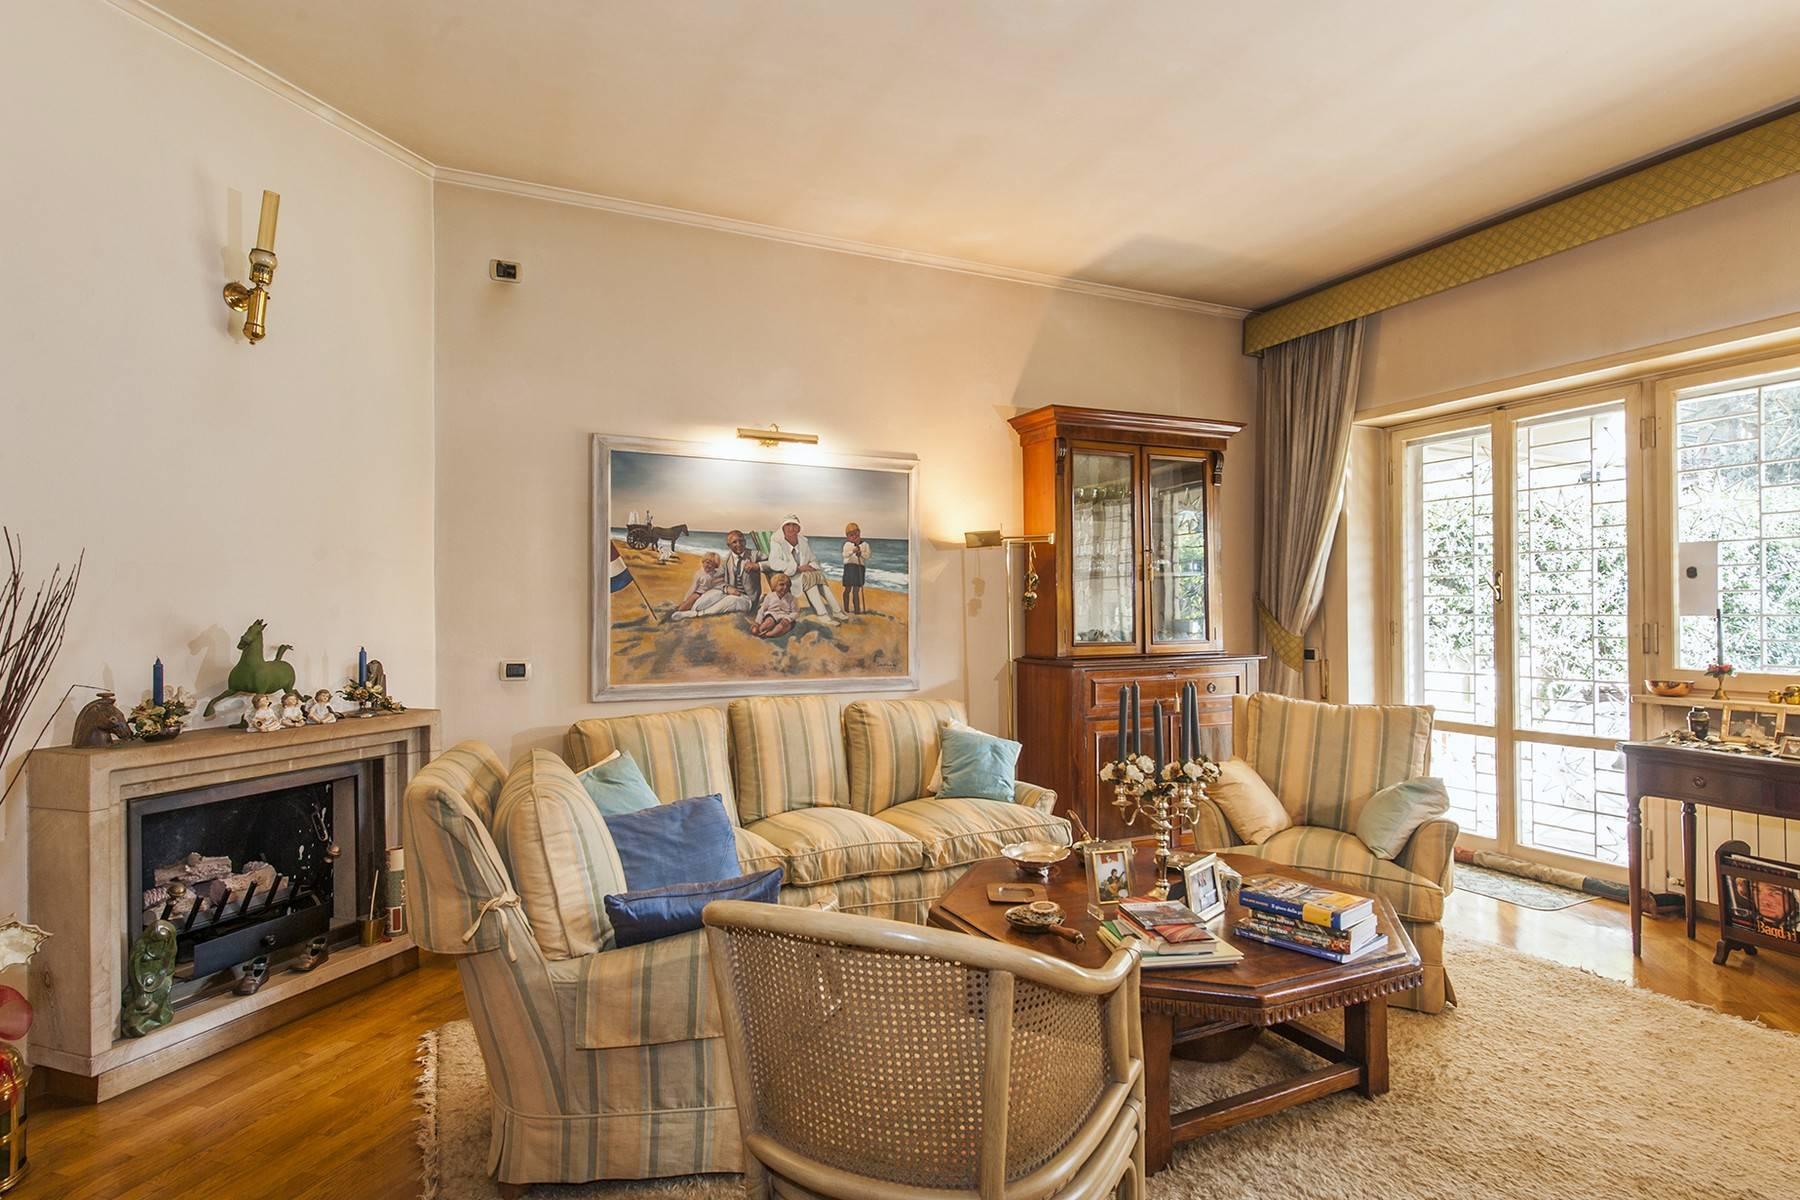 Appartamento con giardino nei pressi dell'Appia Antica - 13